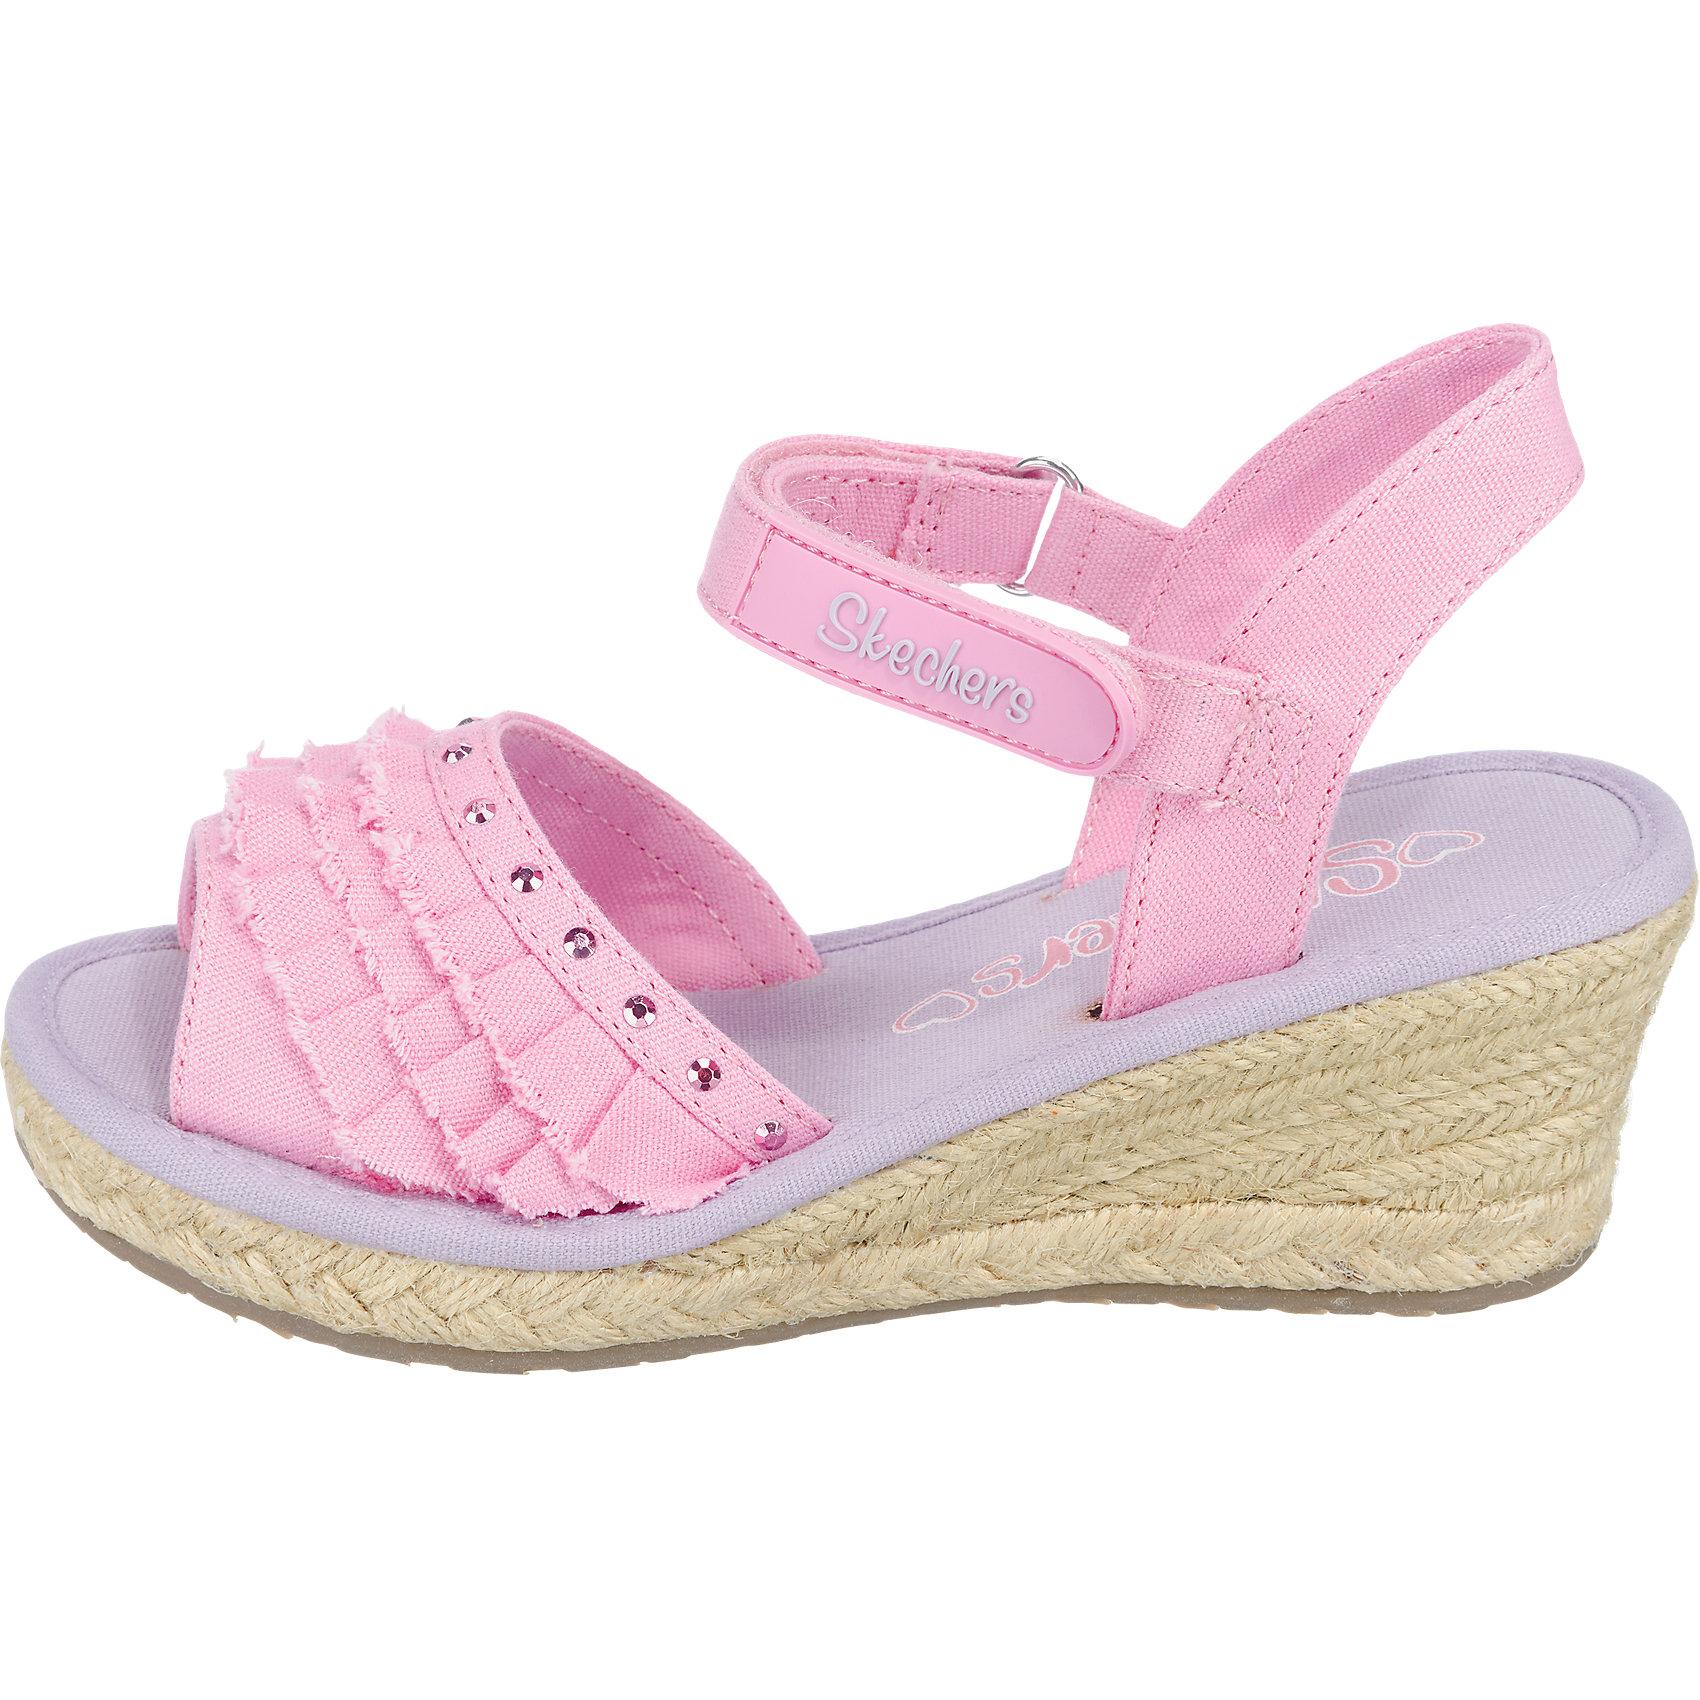 Details zu Neu SKECHERS Kinder Sandalen für Mädchen 6884575 für Mädchen pink